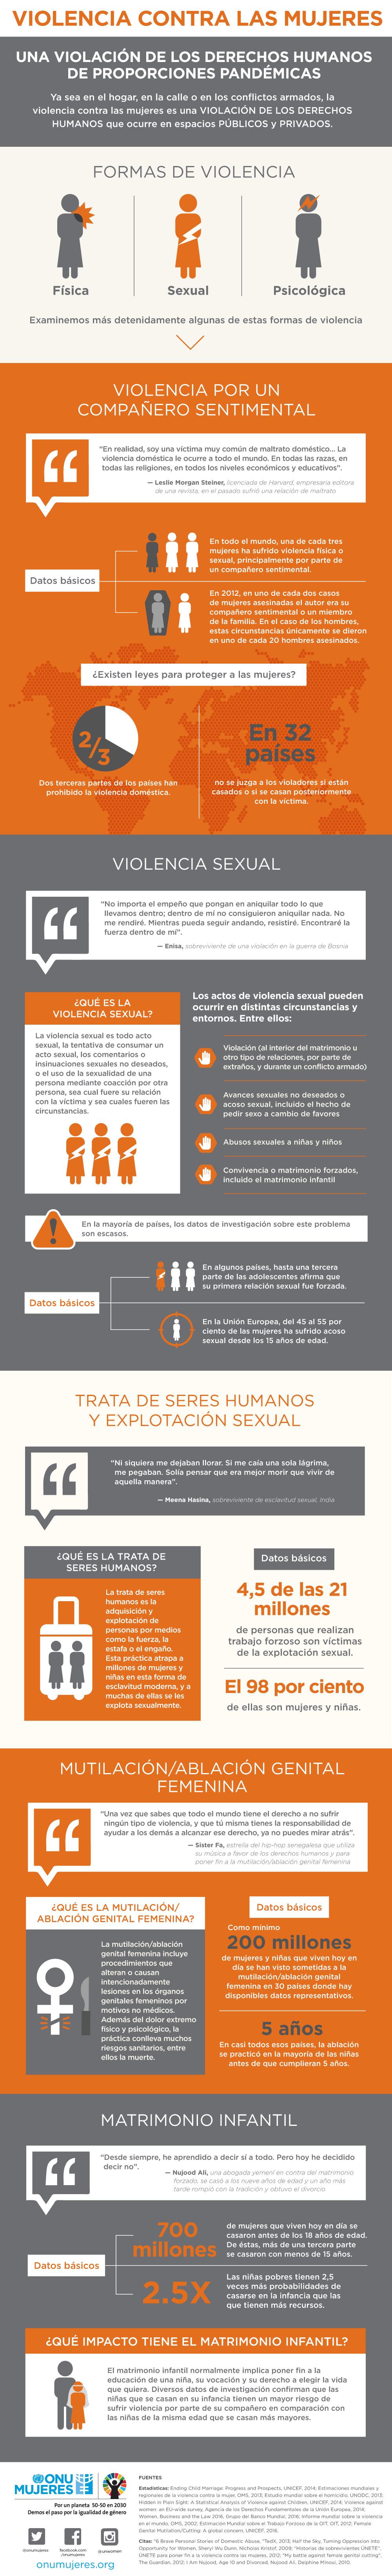 infografía violencia mujeres